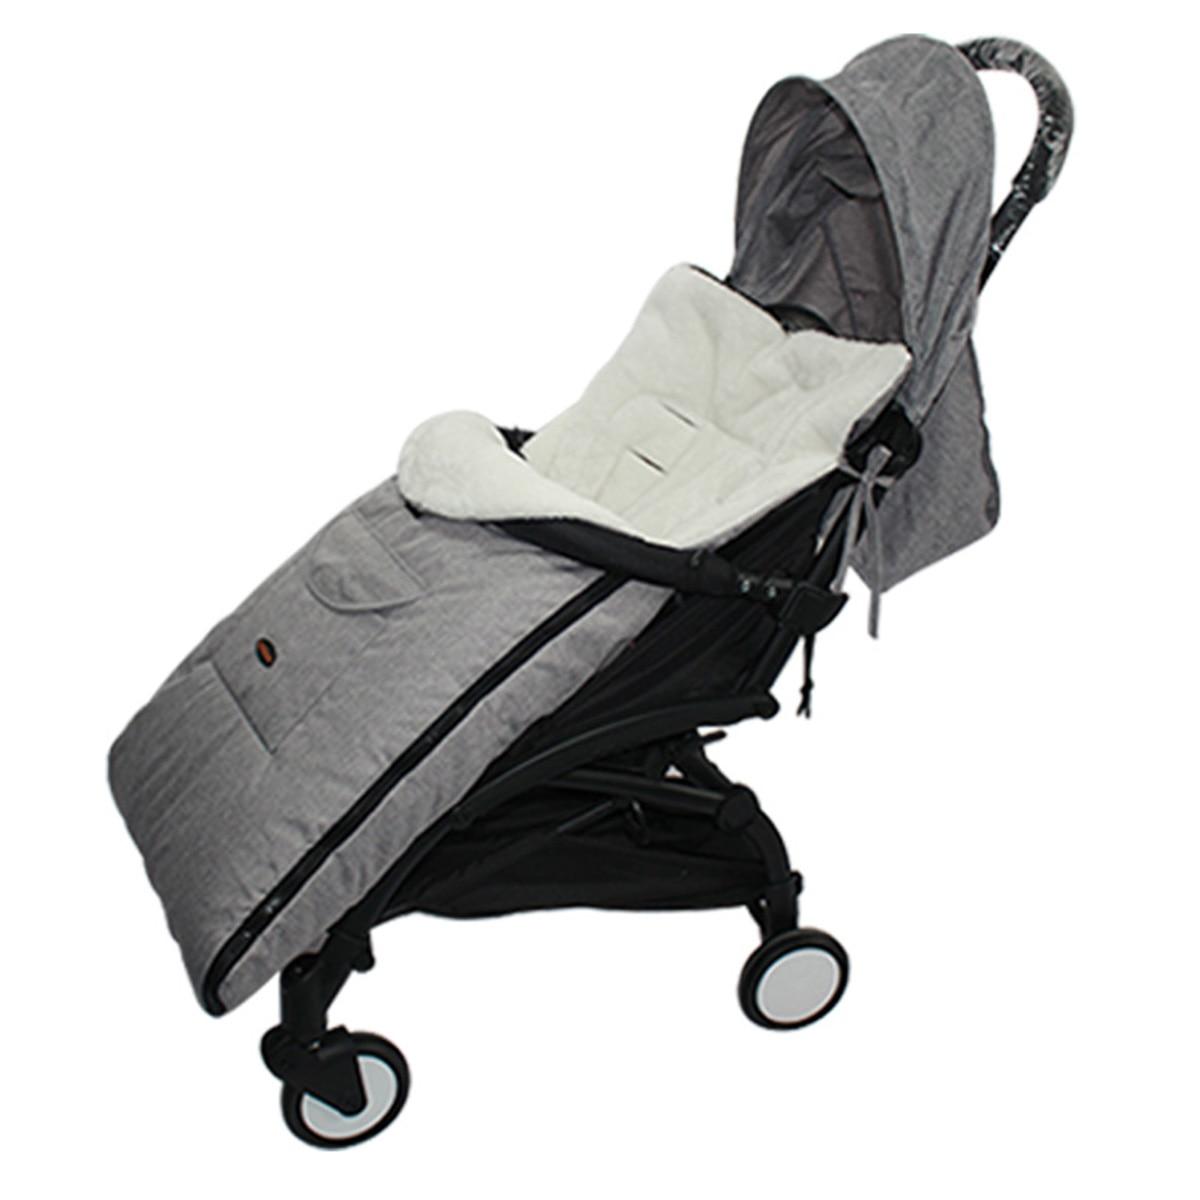 Детские коляски спальный мешок конверт в коляску теплый толстый спальный мешок универсальный ножки уютный ног фартук лайнер для коляски